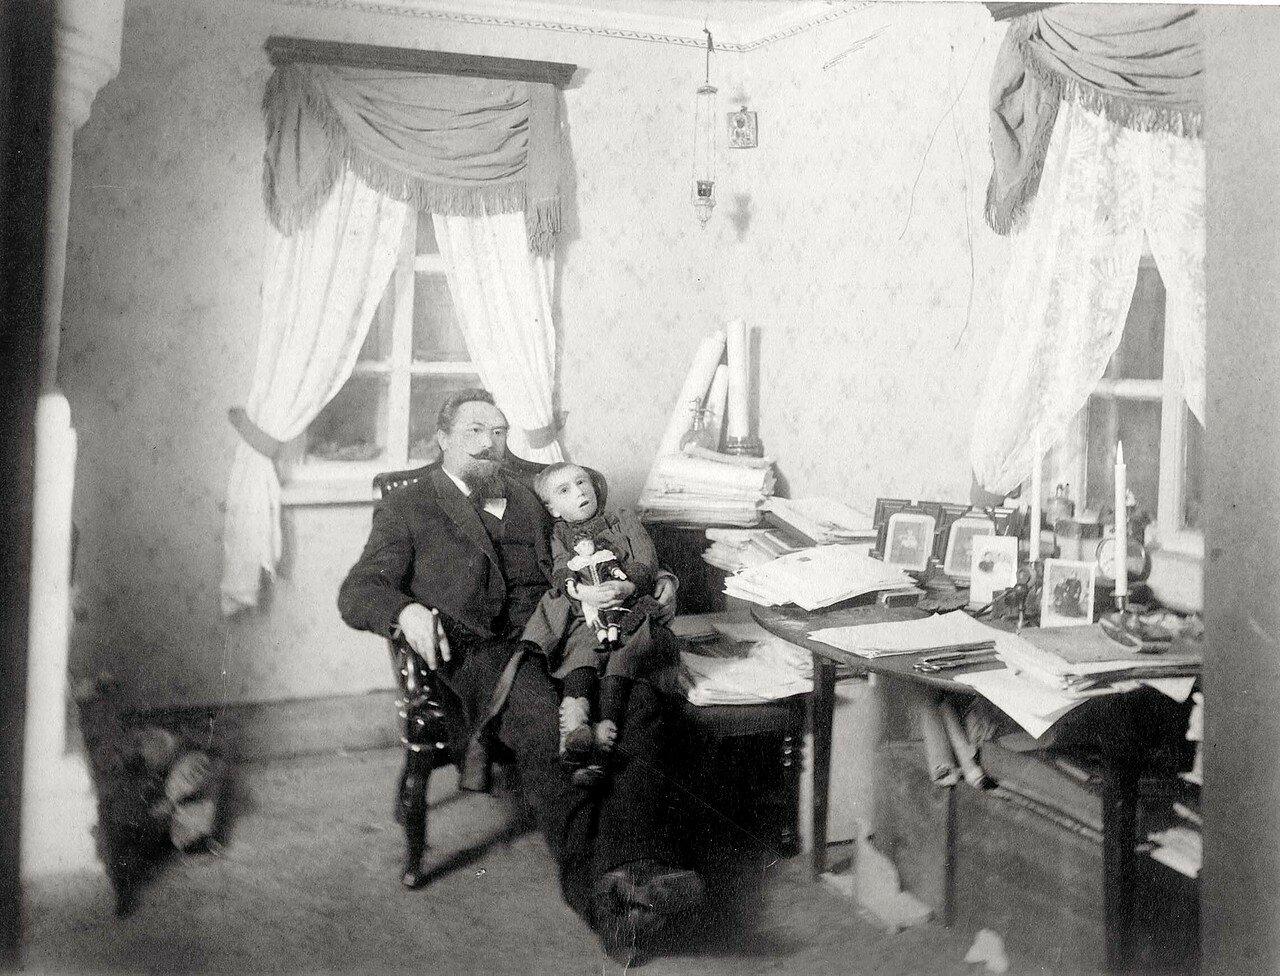 Фрагмент рабочего кабинета жилого помещения на золотых приисках (Минусинский горный округ)